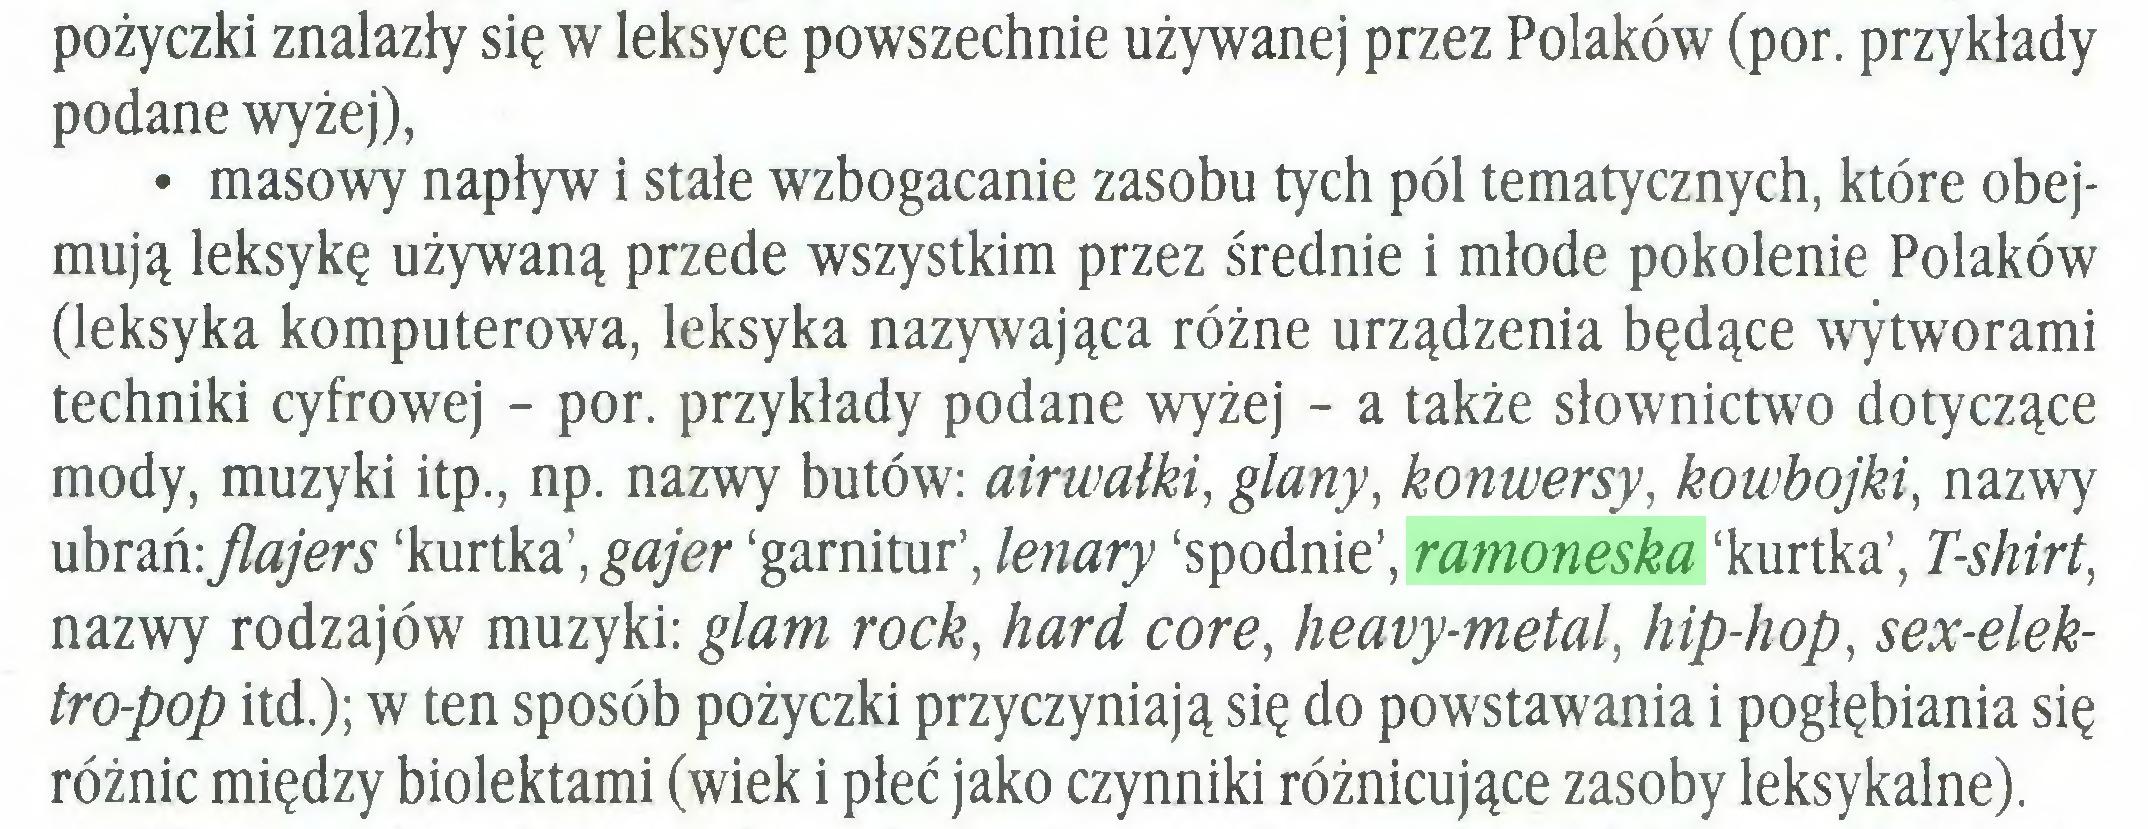 (...) pożyczki znalazły się w leksyce powszechnie używanej przez Polaków (por. przykłady podane wyżej), • masowy napływ i stałe wzbogacanie zasobu tych pól tematycznych, które obejmują leksykę używaną przede wszystkim przez średnie i młode pokolenie Polaków (leksyka komputerowa, leksyka nazywająca różne urządzenia będące wytworami techniki cyfrowej - por. przykłady podane wyżej - a także słownictwo dotyczące mody, muzyki itp., np. nazwy butów: airwałki, glany, konwersy, kowbojki, nazwy ubrań: flajers 'kurtka', gajer 'garnitur', lenary 'spodnie', ramoneska 'kurtka', T-shirt, nazwy rodzajów muzyki: glam rock, hard core, heavy-metal, hip-hop, sex-elektro-pop itd.); w ten sposób pożyczki przyczyniają się do powstawania i pogłębiania się różnic między biolektami (wiek i płeć jako czynniki różnicujące zasoby leksykalne)...